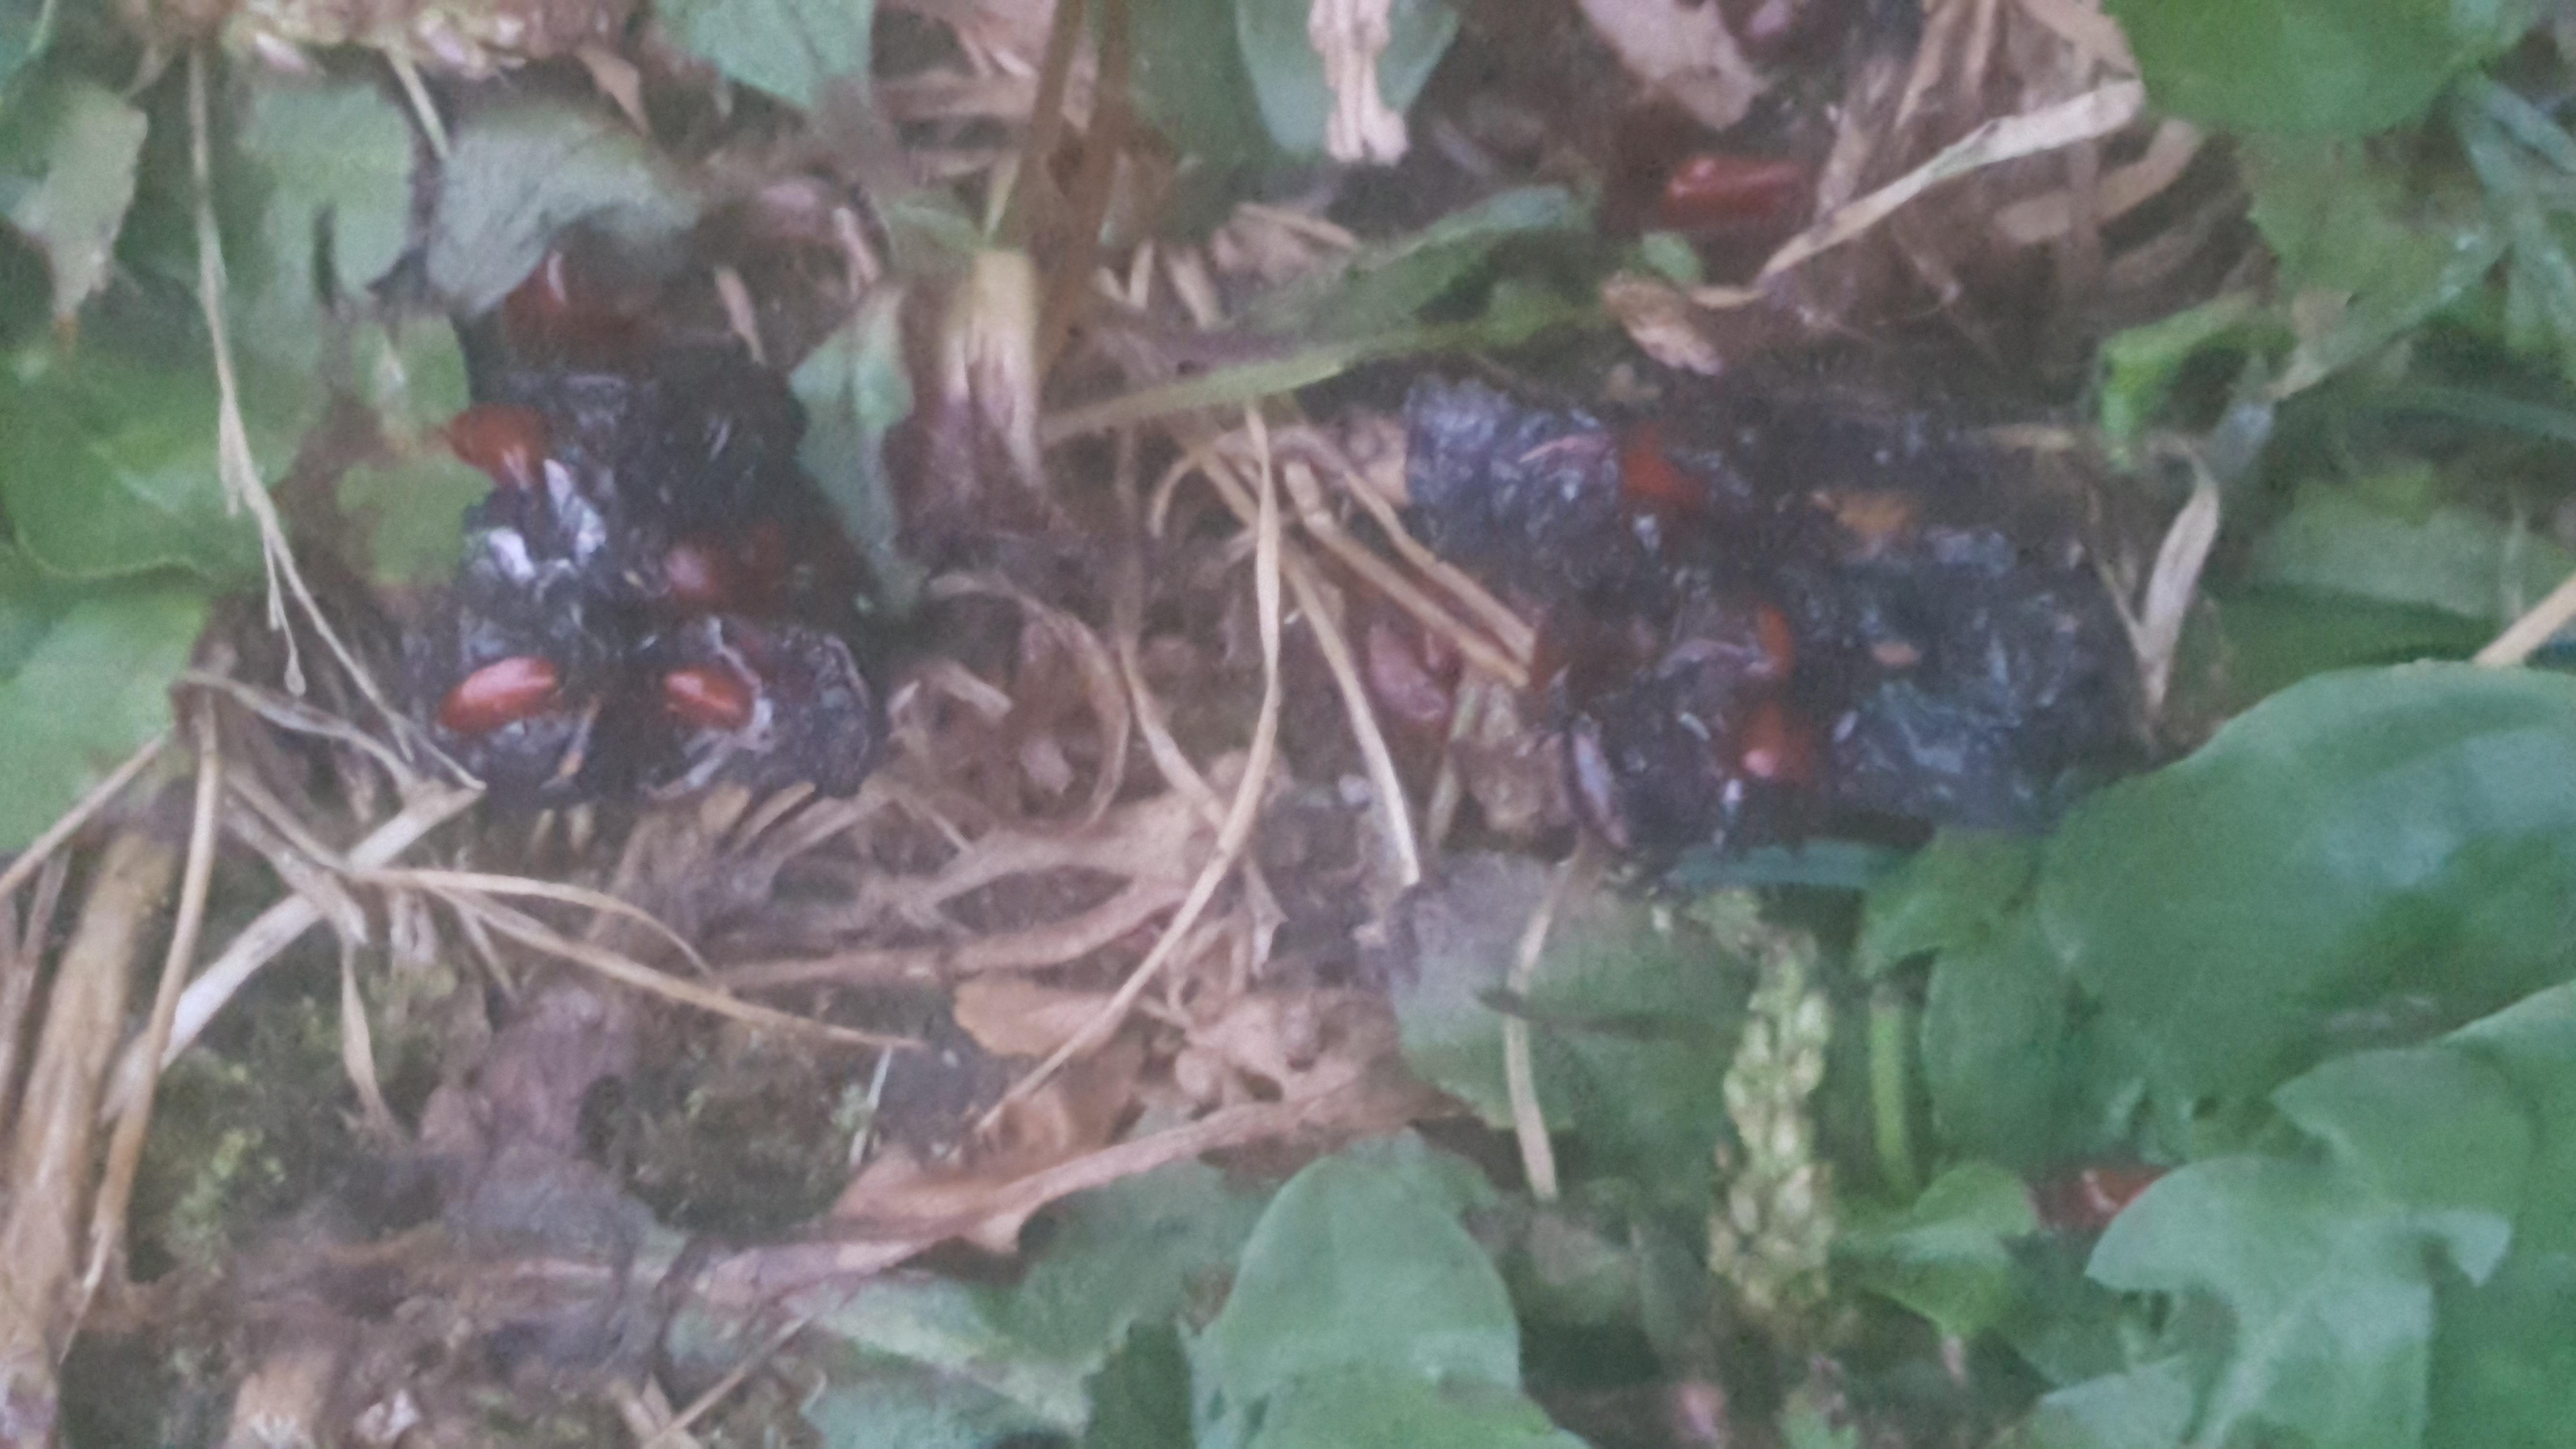 rote punkte im hundekot - wurmeier? (tiere, hund, würmer)